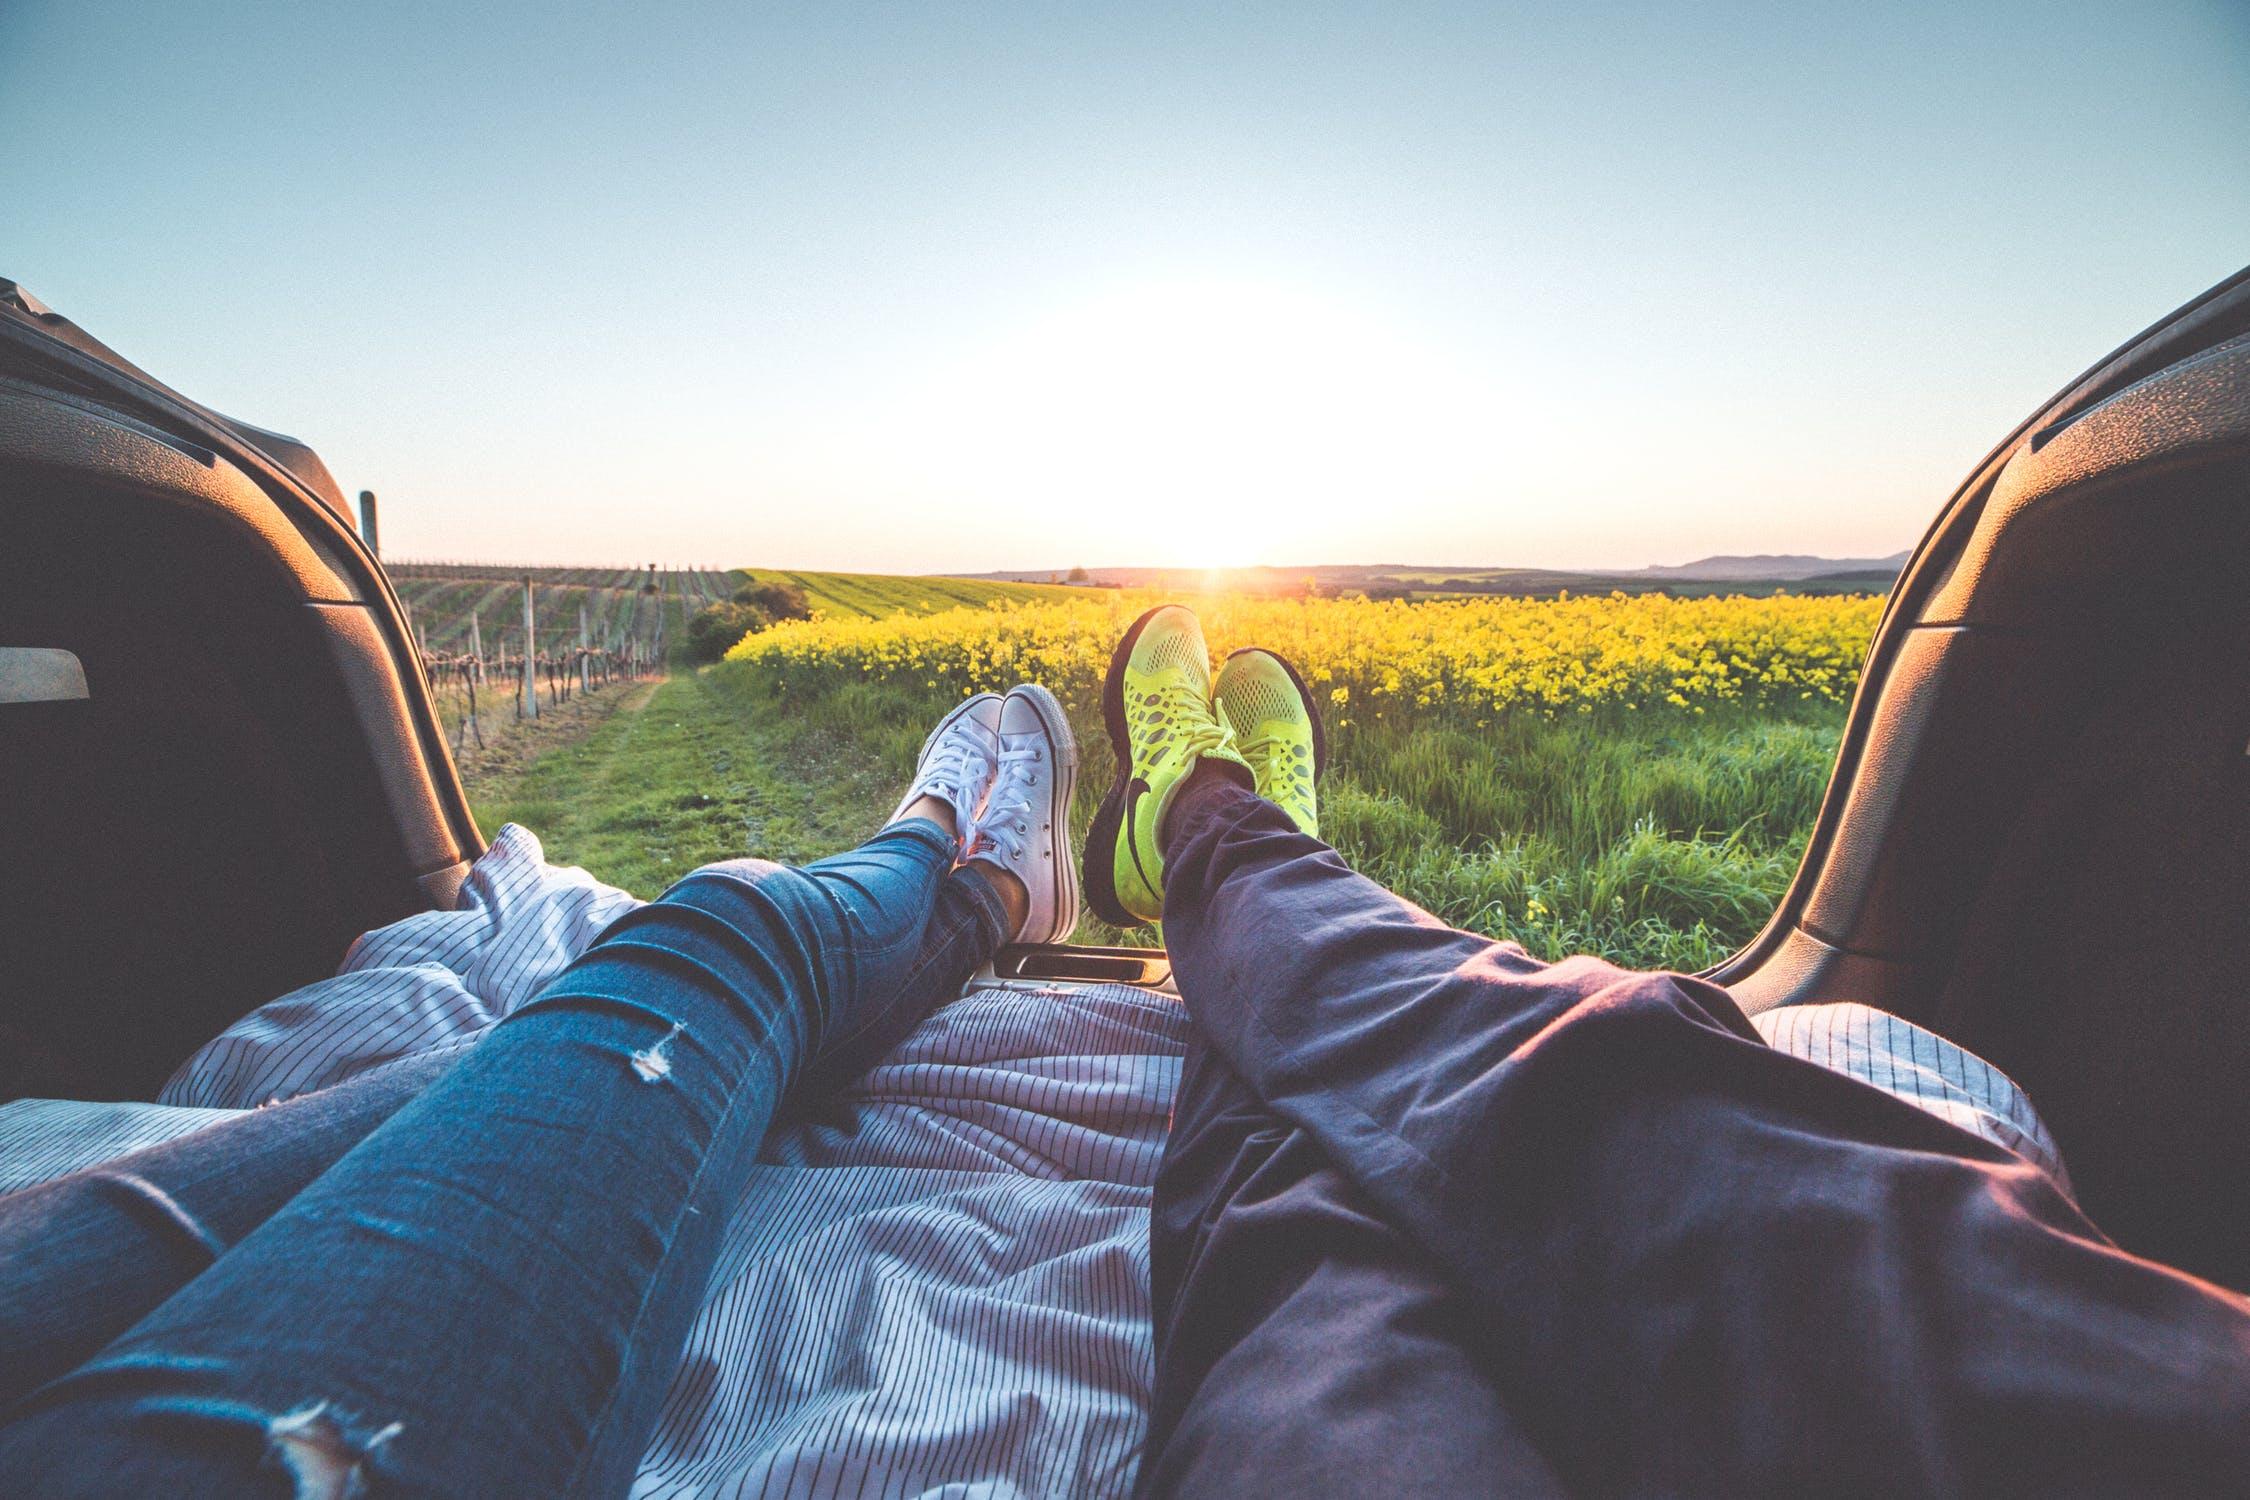 「【必見!】つらい遠距離恋愛を成功させるコツとは?」のアイキャッチ画像